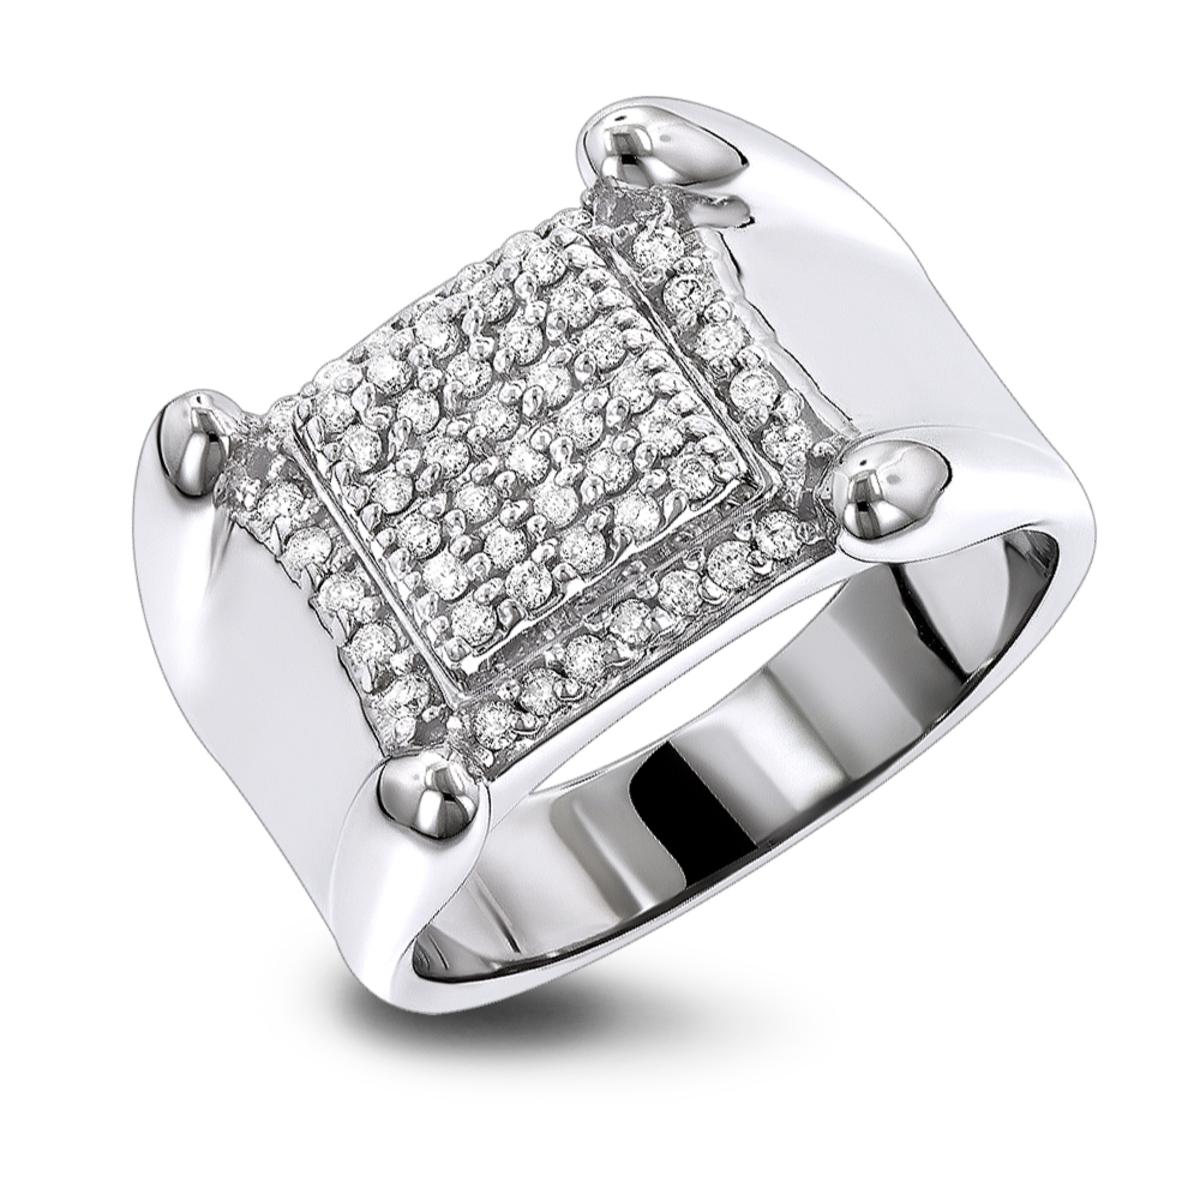 Mens Diamond Rings 10K Gold Round Diamond Ring 0.8ct